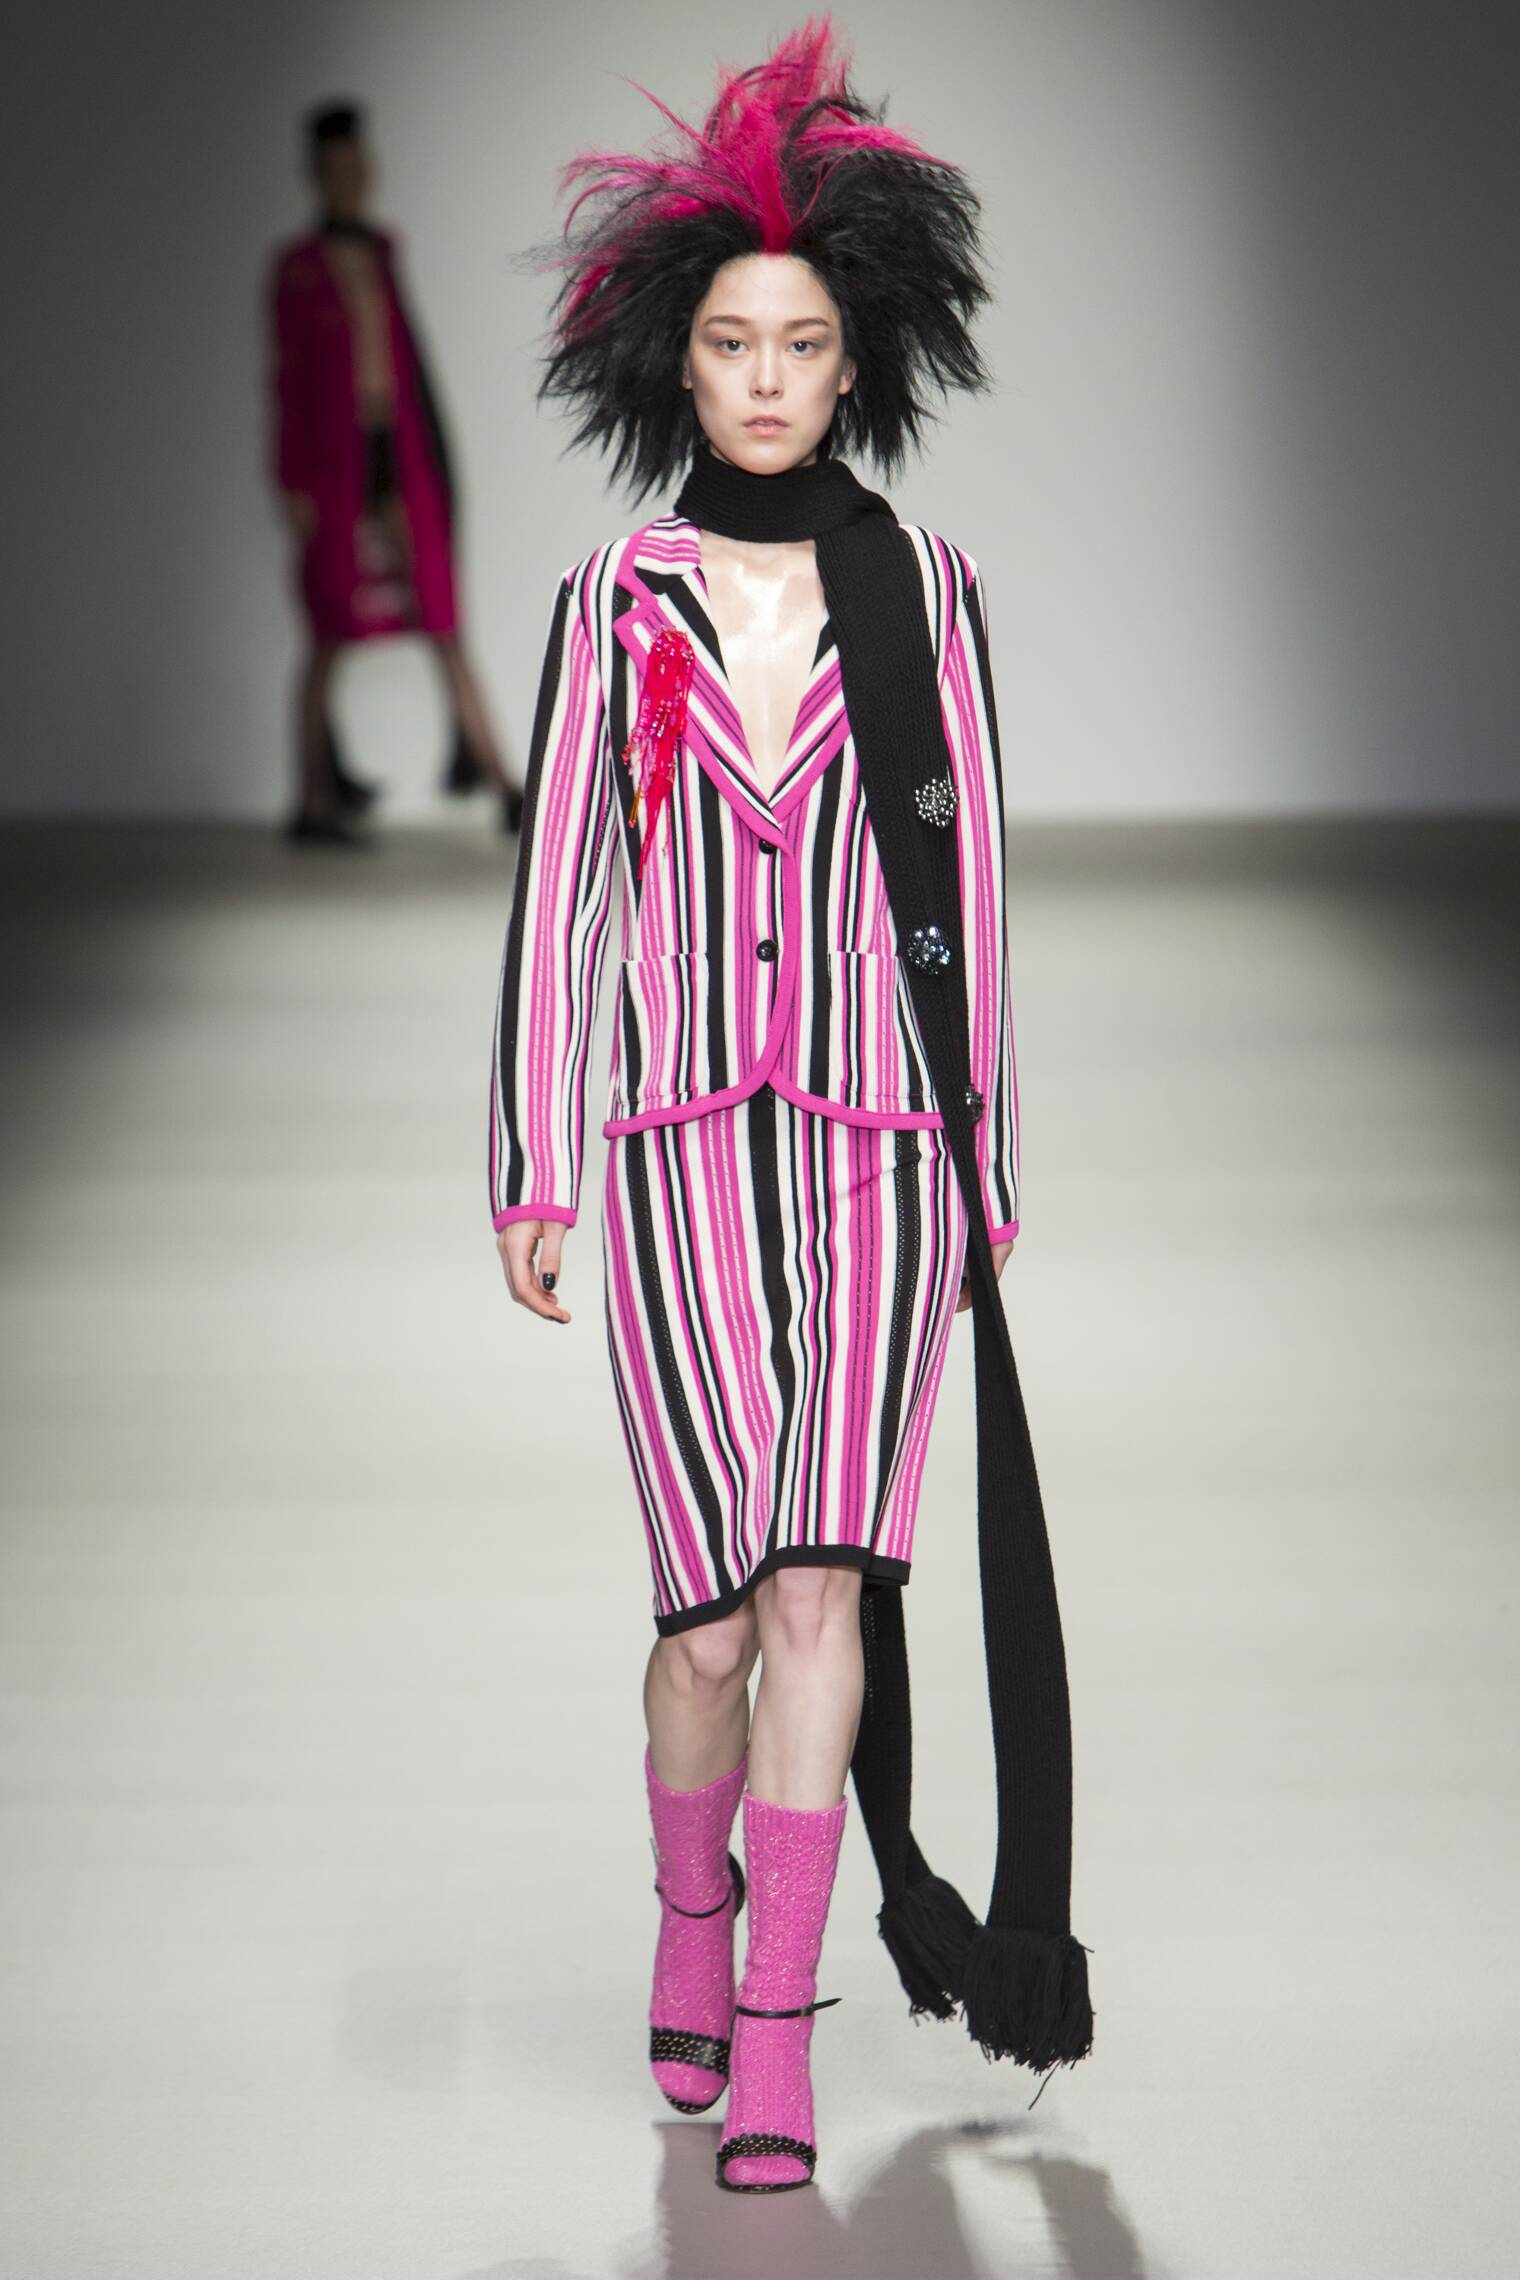 Sibling Fall Winter 2015 16 Women's Collection London Fashion Week Fashion Show